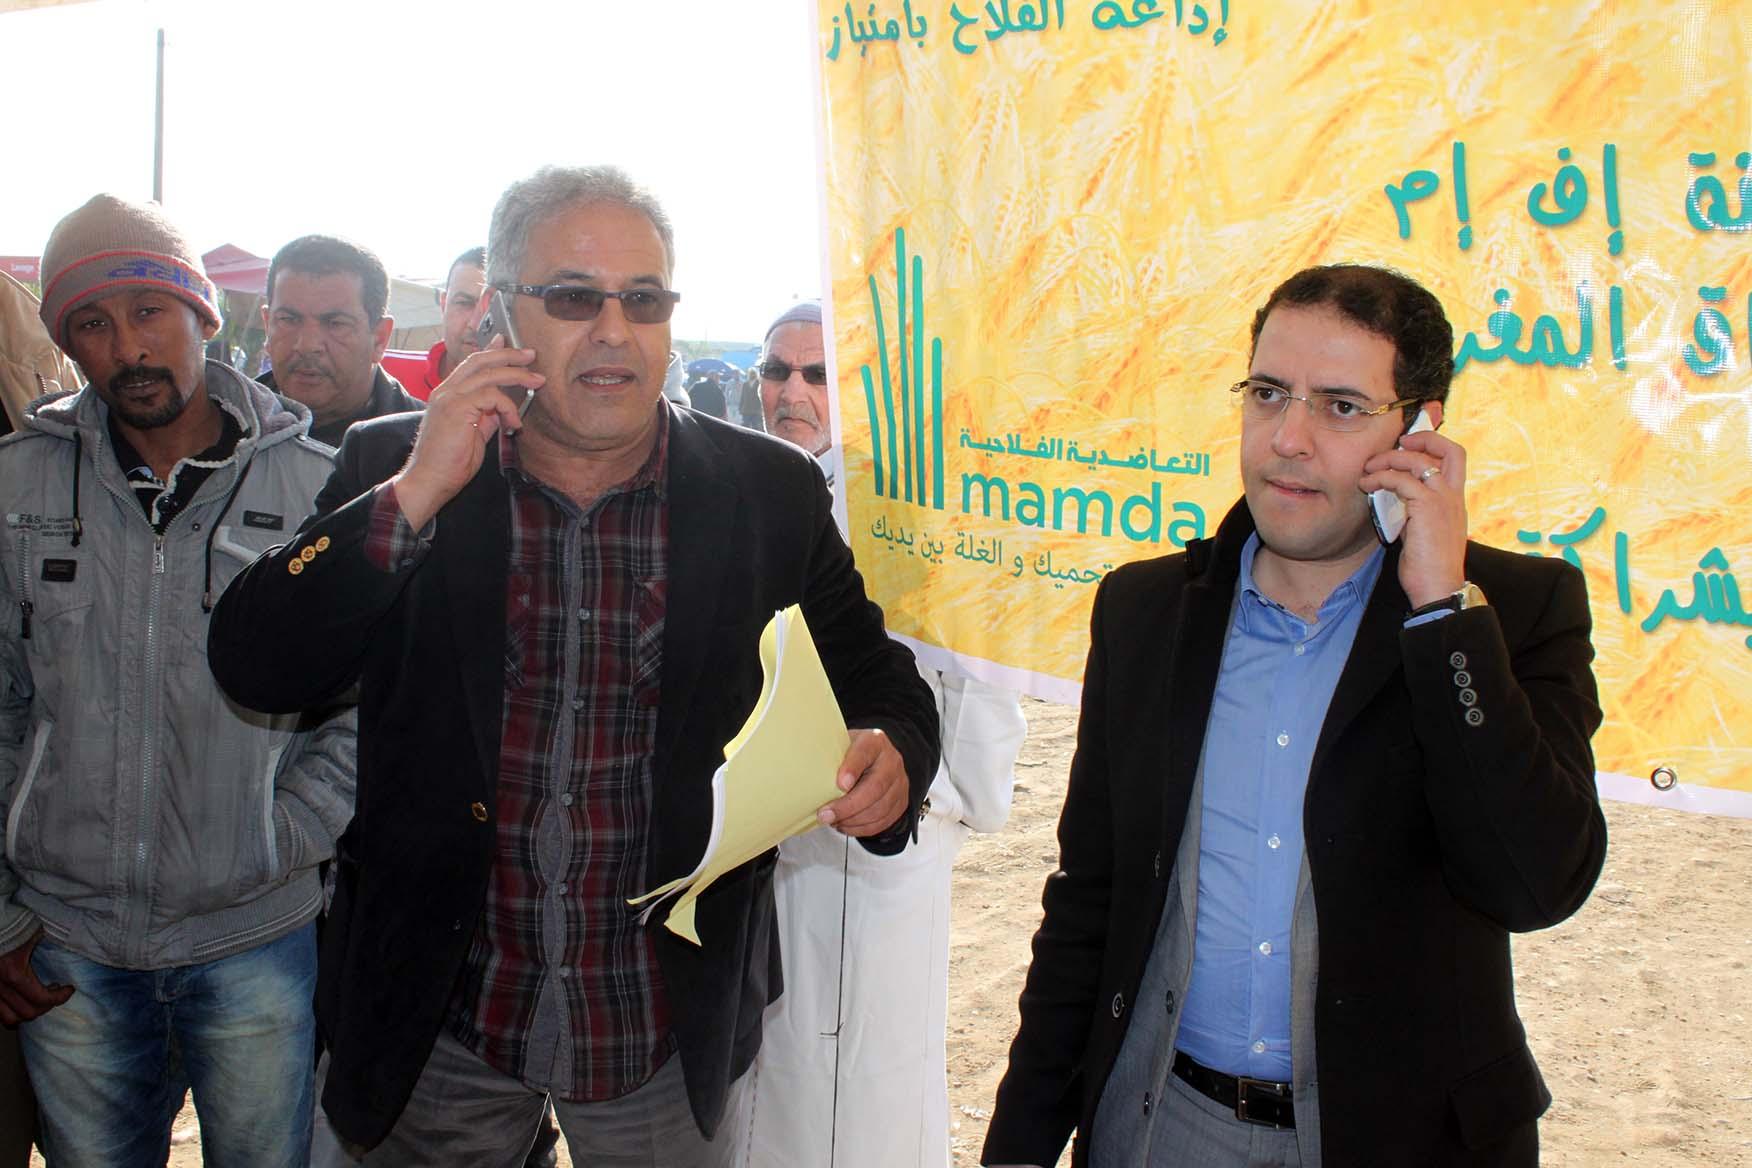 """جولة إذاعة مدينة إف إم بالأسواق المغربية : سوق حد أولاد جلول """" التعاضدية الفلاحية mamda """""""